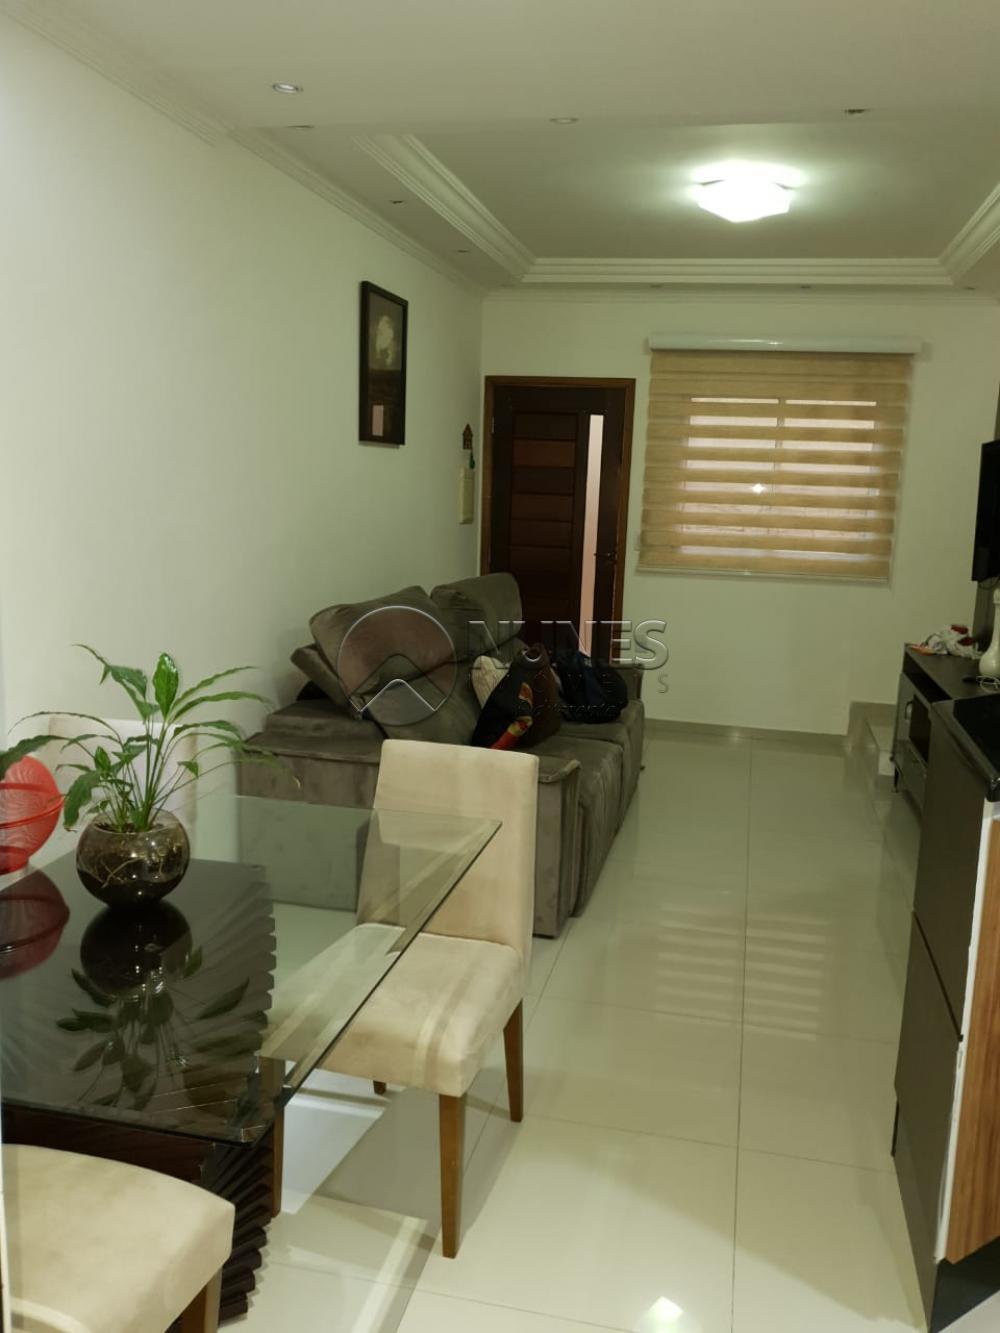 Comprar Casa / Sobrado em Condominio em Osasco apenas R$ 360.000,00 - Foto 5